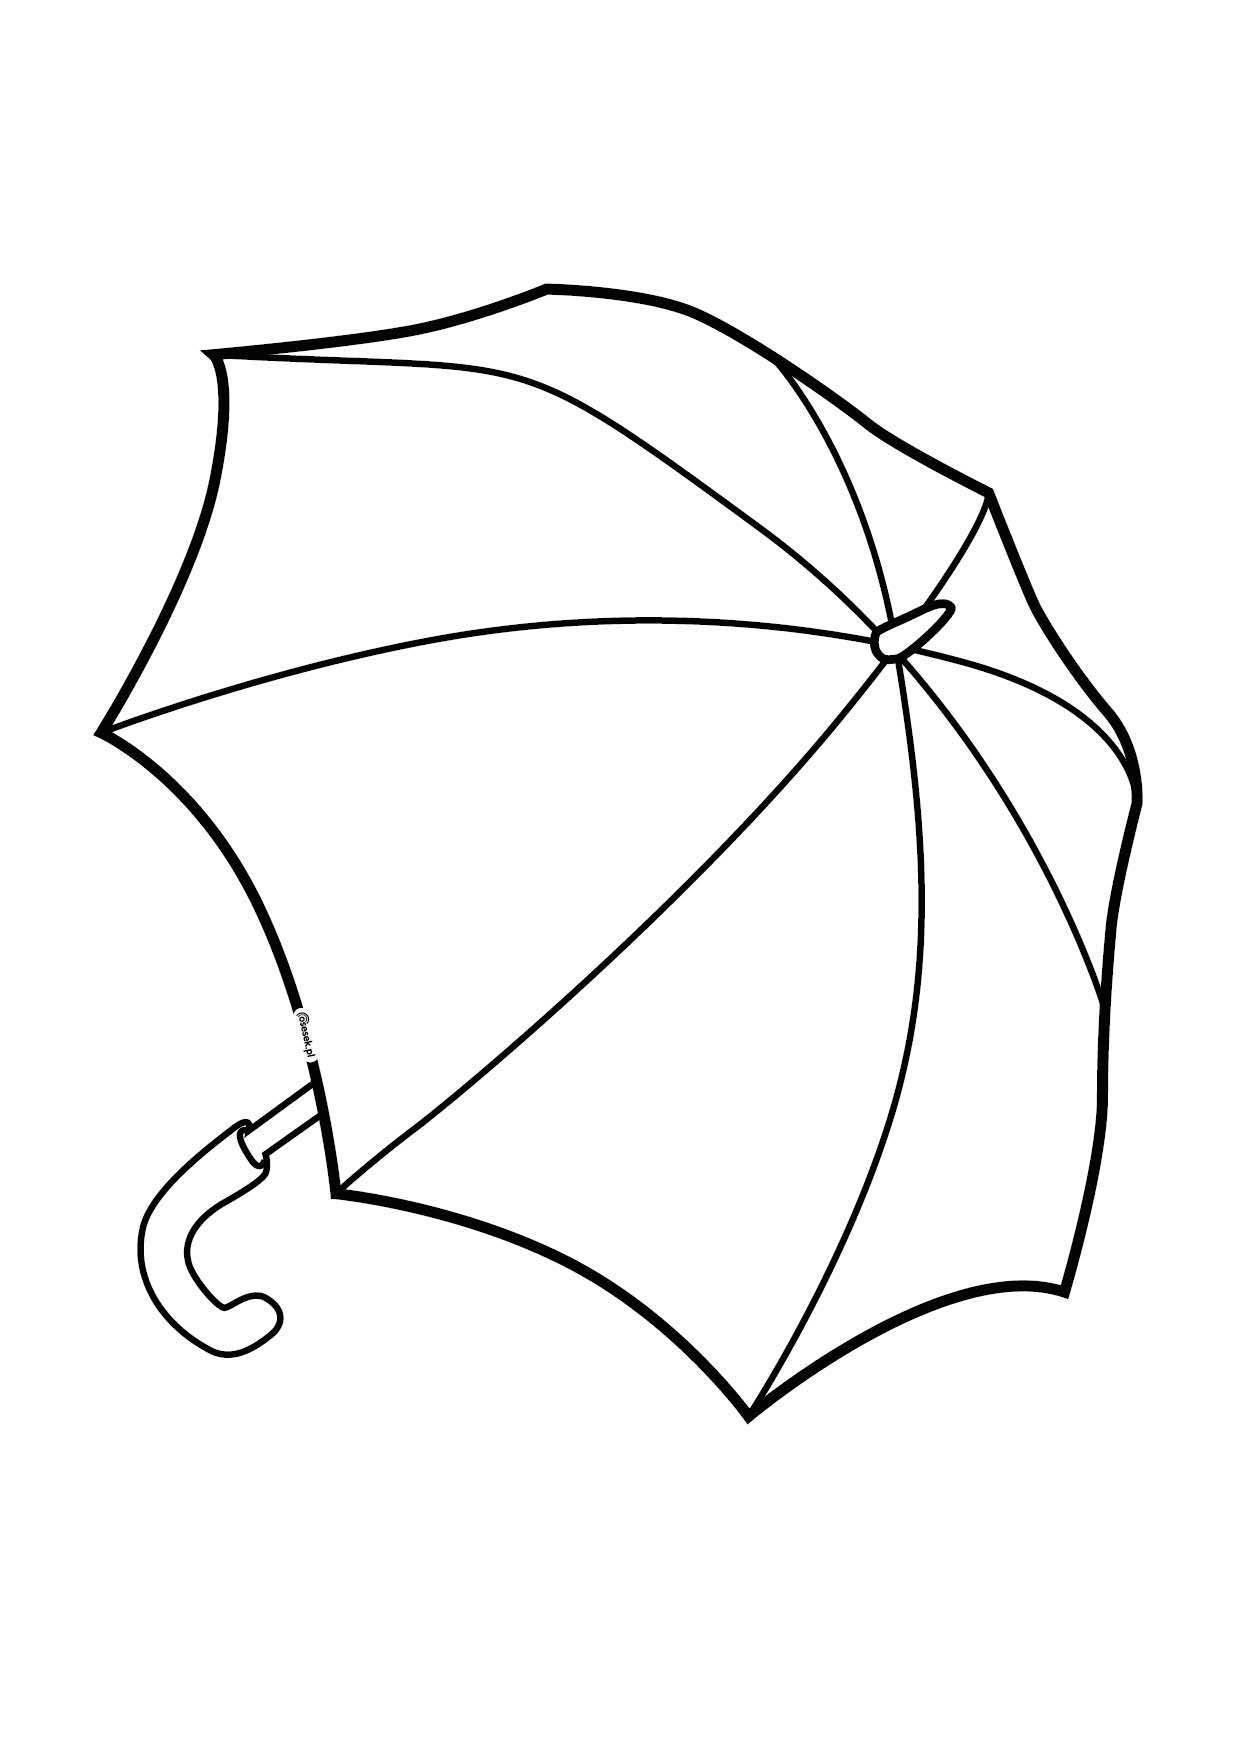 Parasol Kolorowanka Dla Dzieci Do Druku Osesek Pl